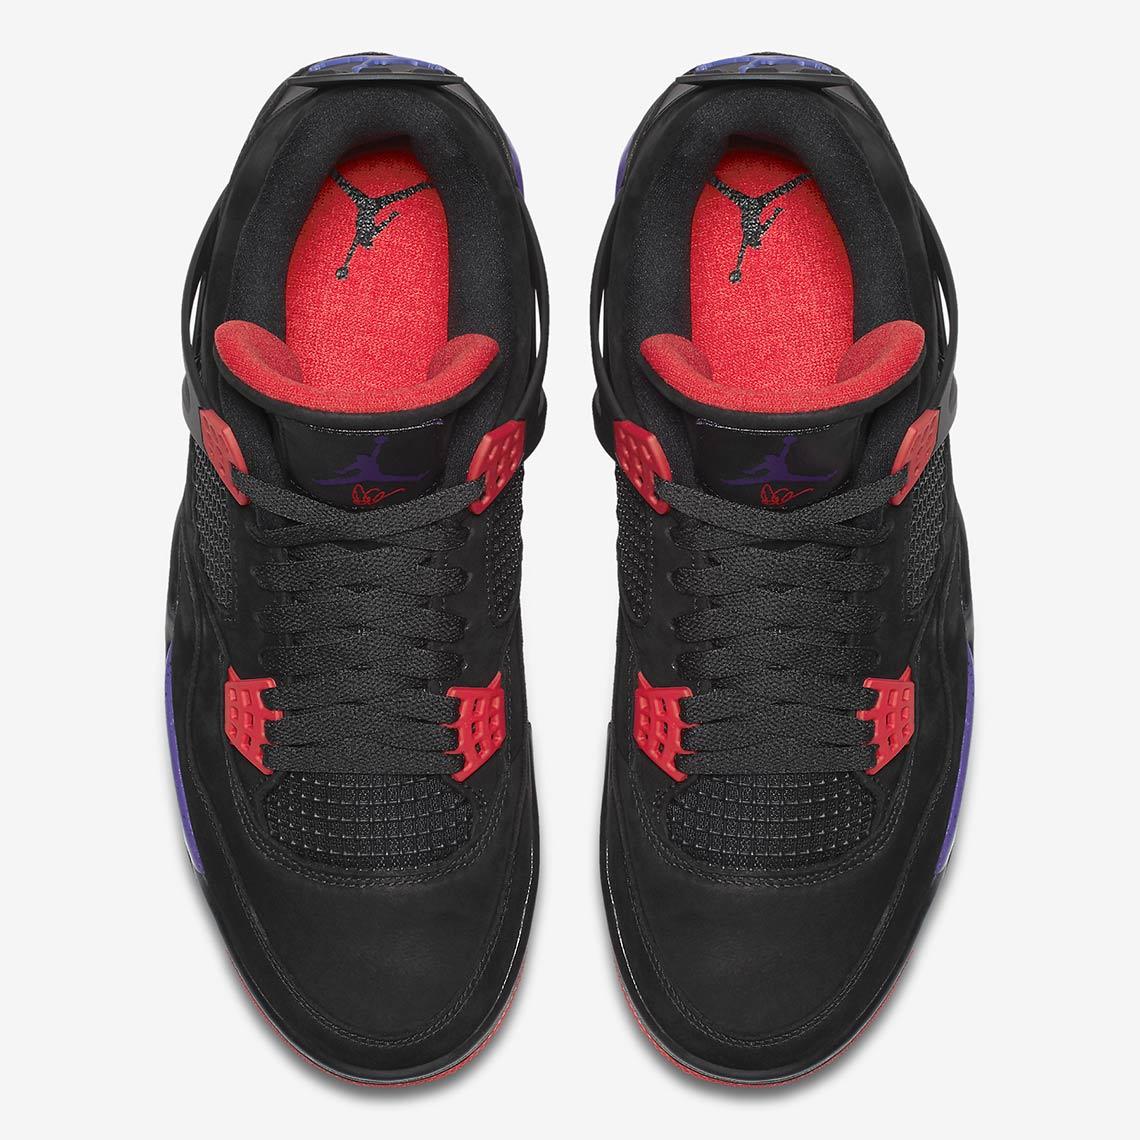 08e338997ad Air Jordan 4